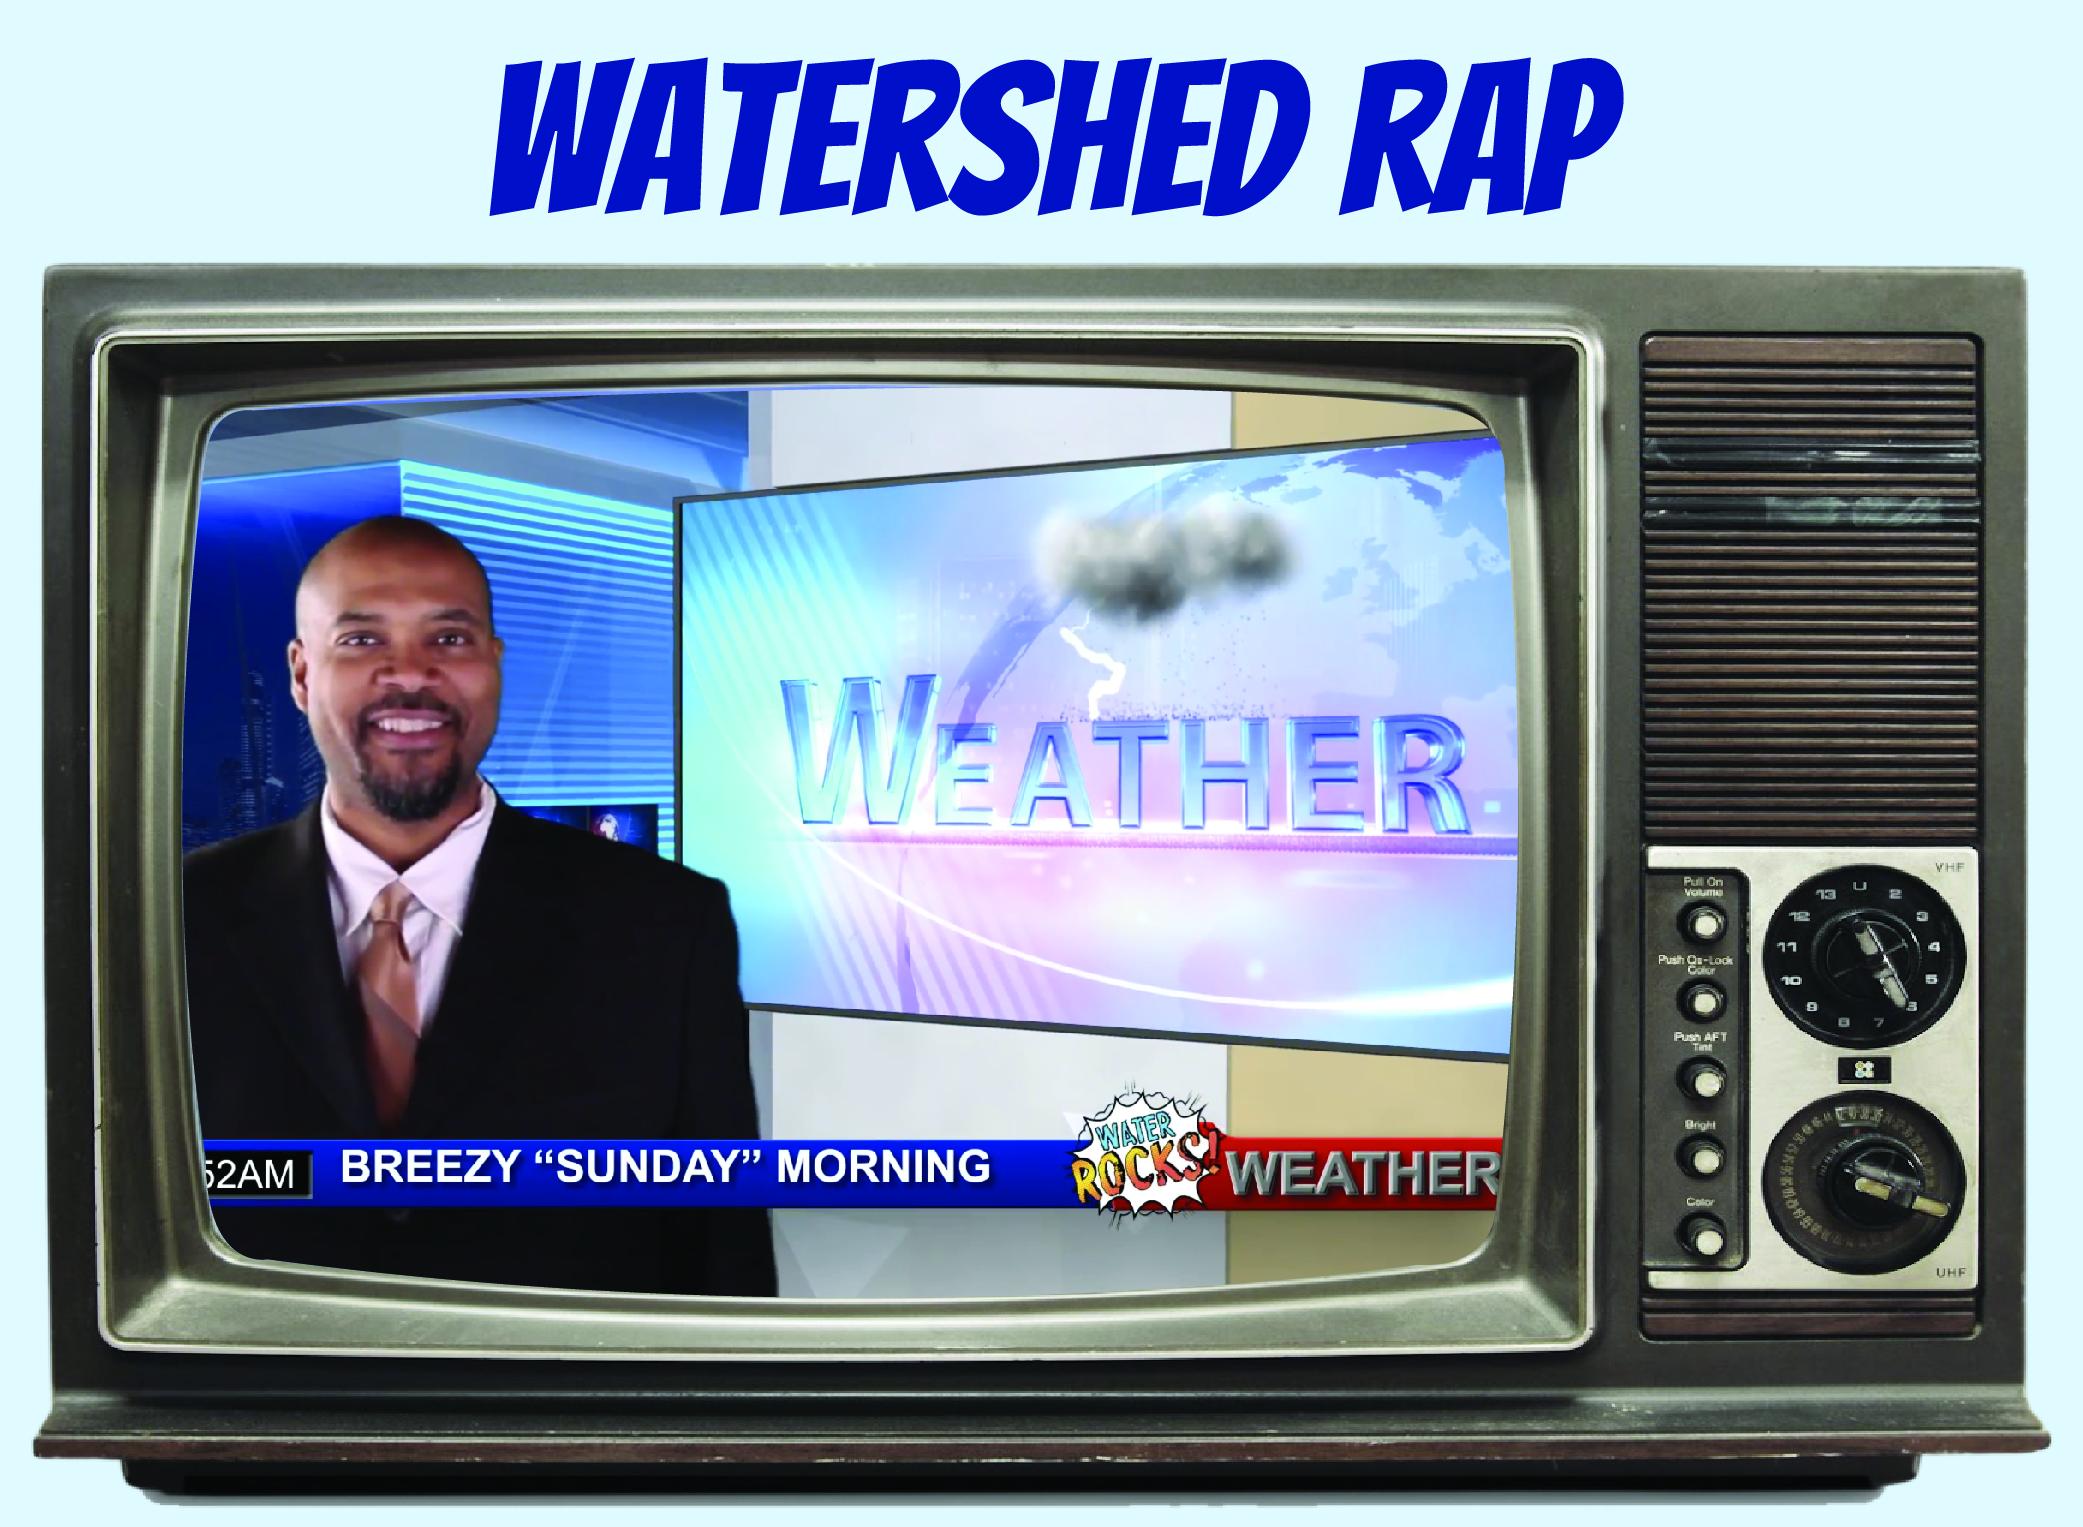 Website-tv-watershedrap.jpg